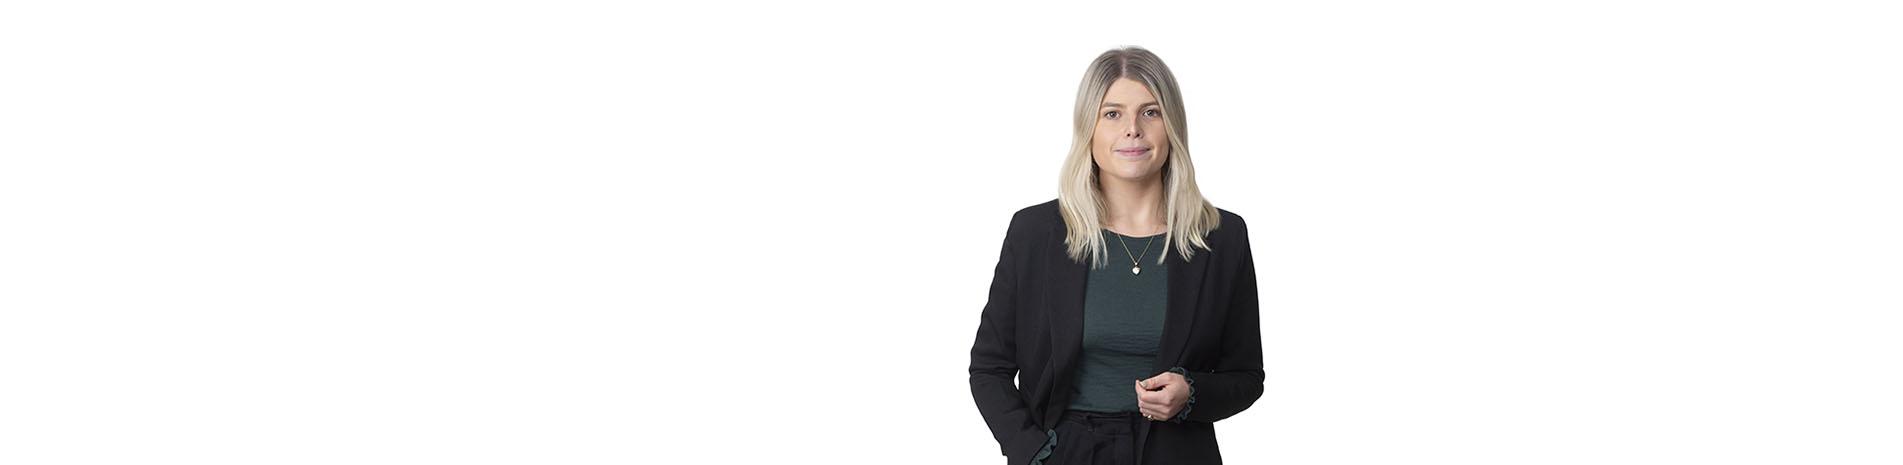 Zoe Gough Criminal Solicitor Melbourne